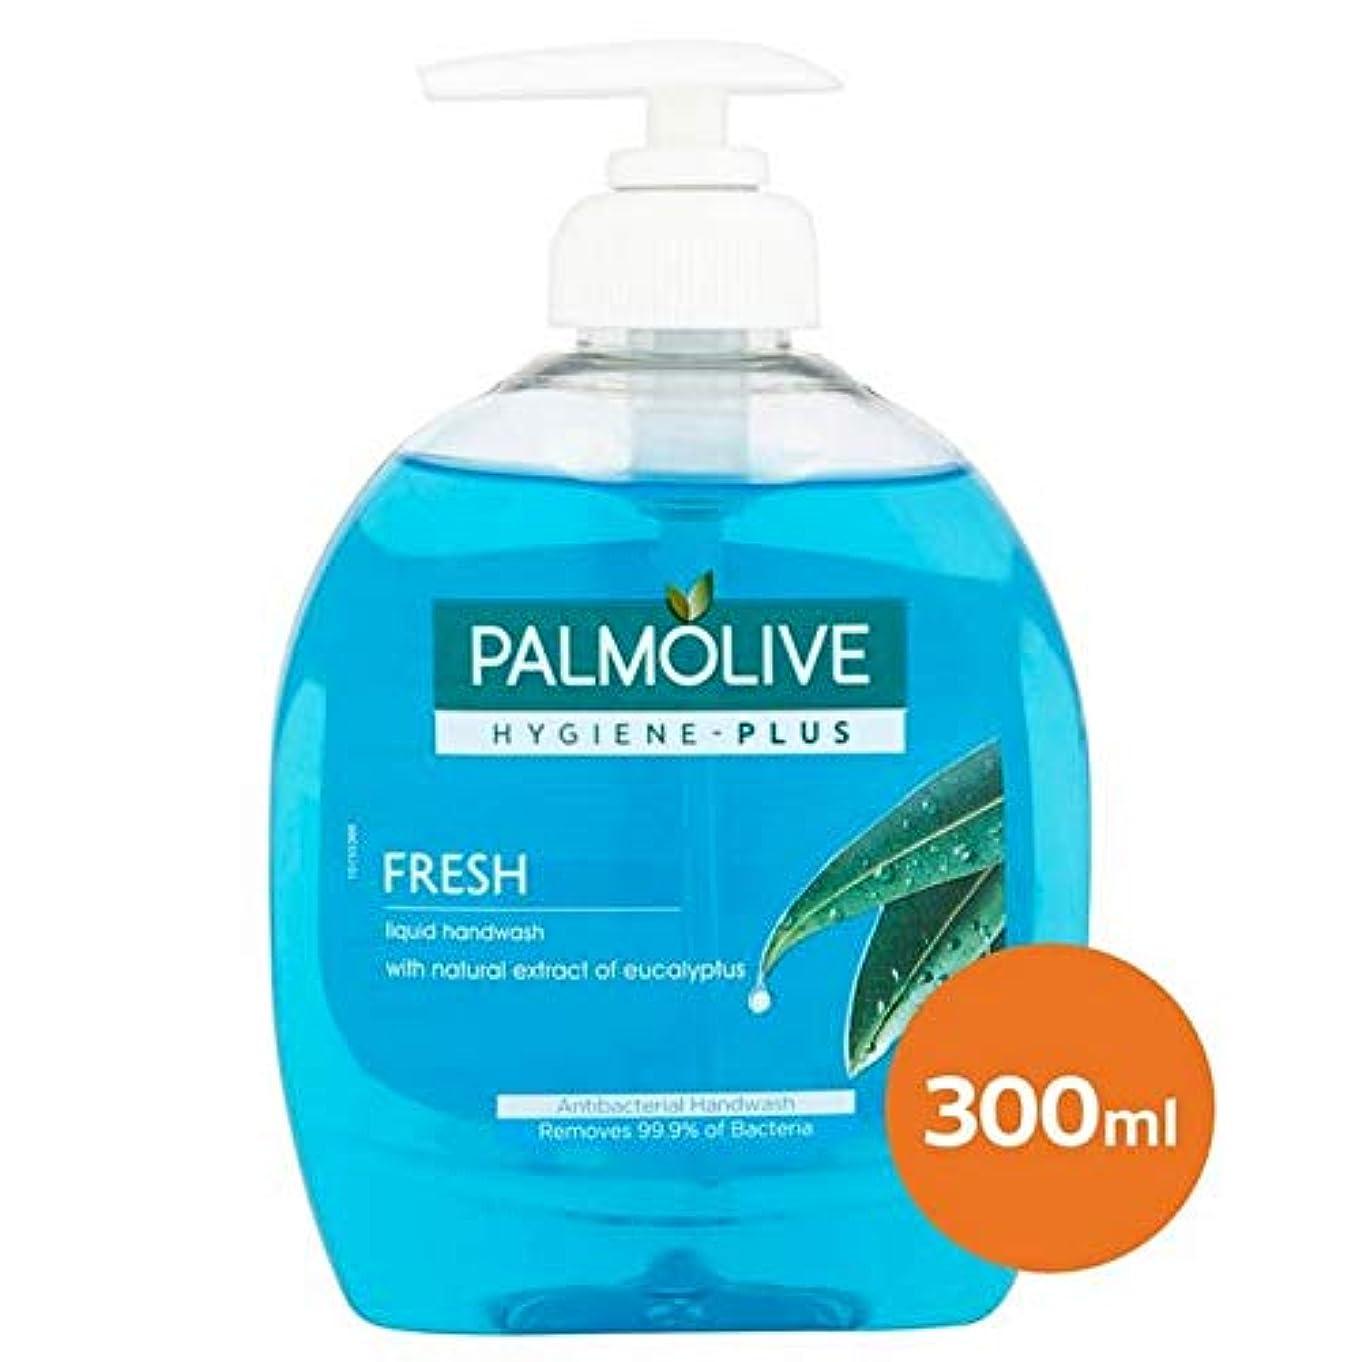 慈悲もう一度保守可能[Palmolive ] パルモ衛生プラス新鮮なユーカリの液体手洗いの300ミリリットル - Palmolive Hygiene-Plus Fresh Eucalyptus Liquid Handwash 300ml [...